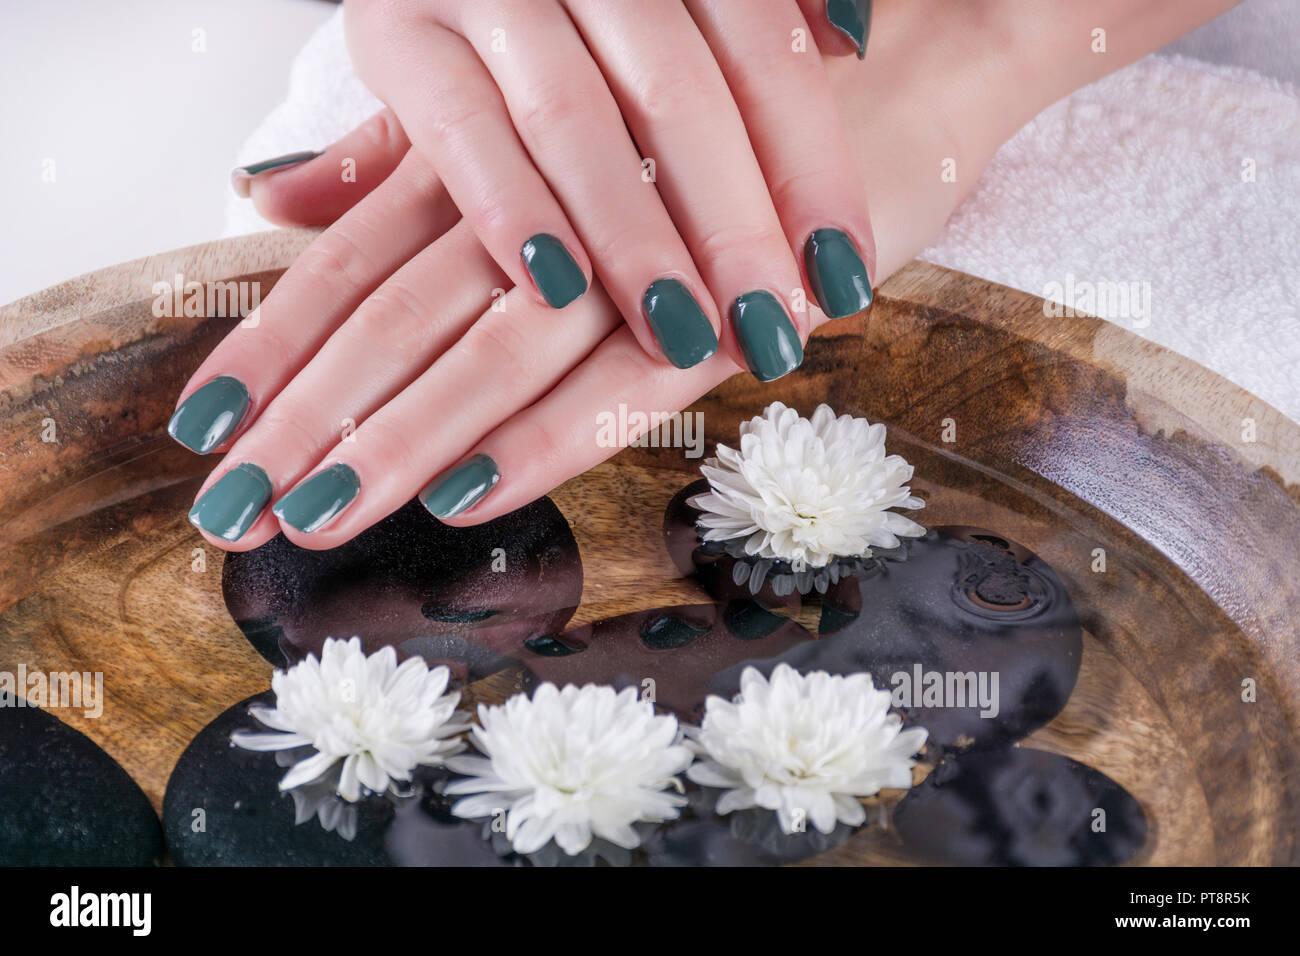 Colore Oliva Unghie Gel Polish Manicure Sulla Ragazza Mani Sopra